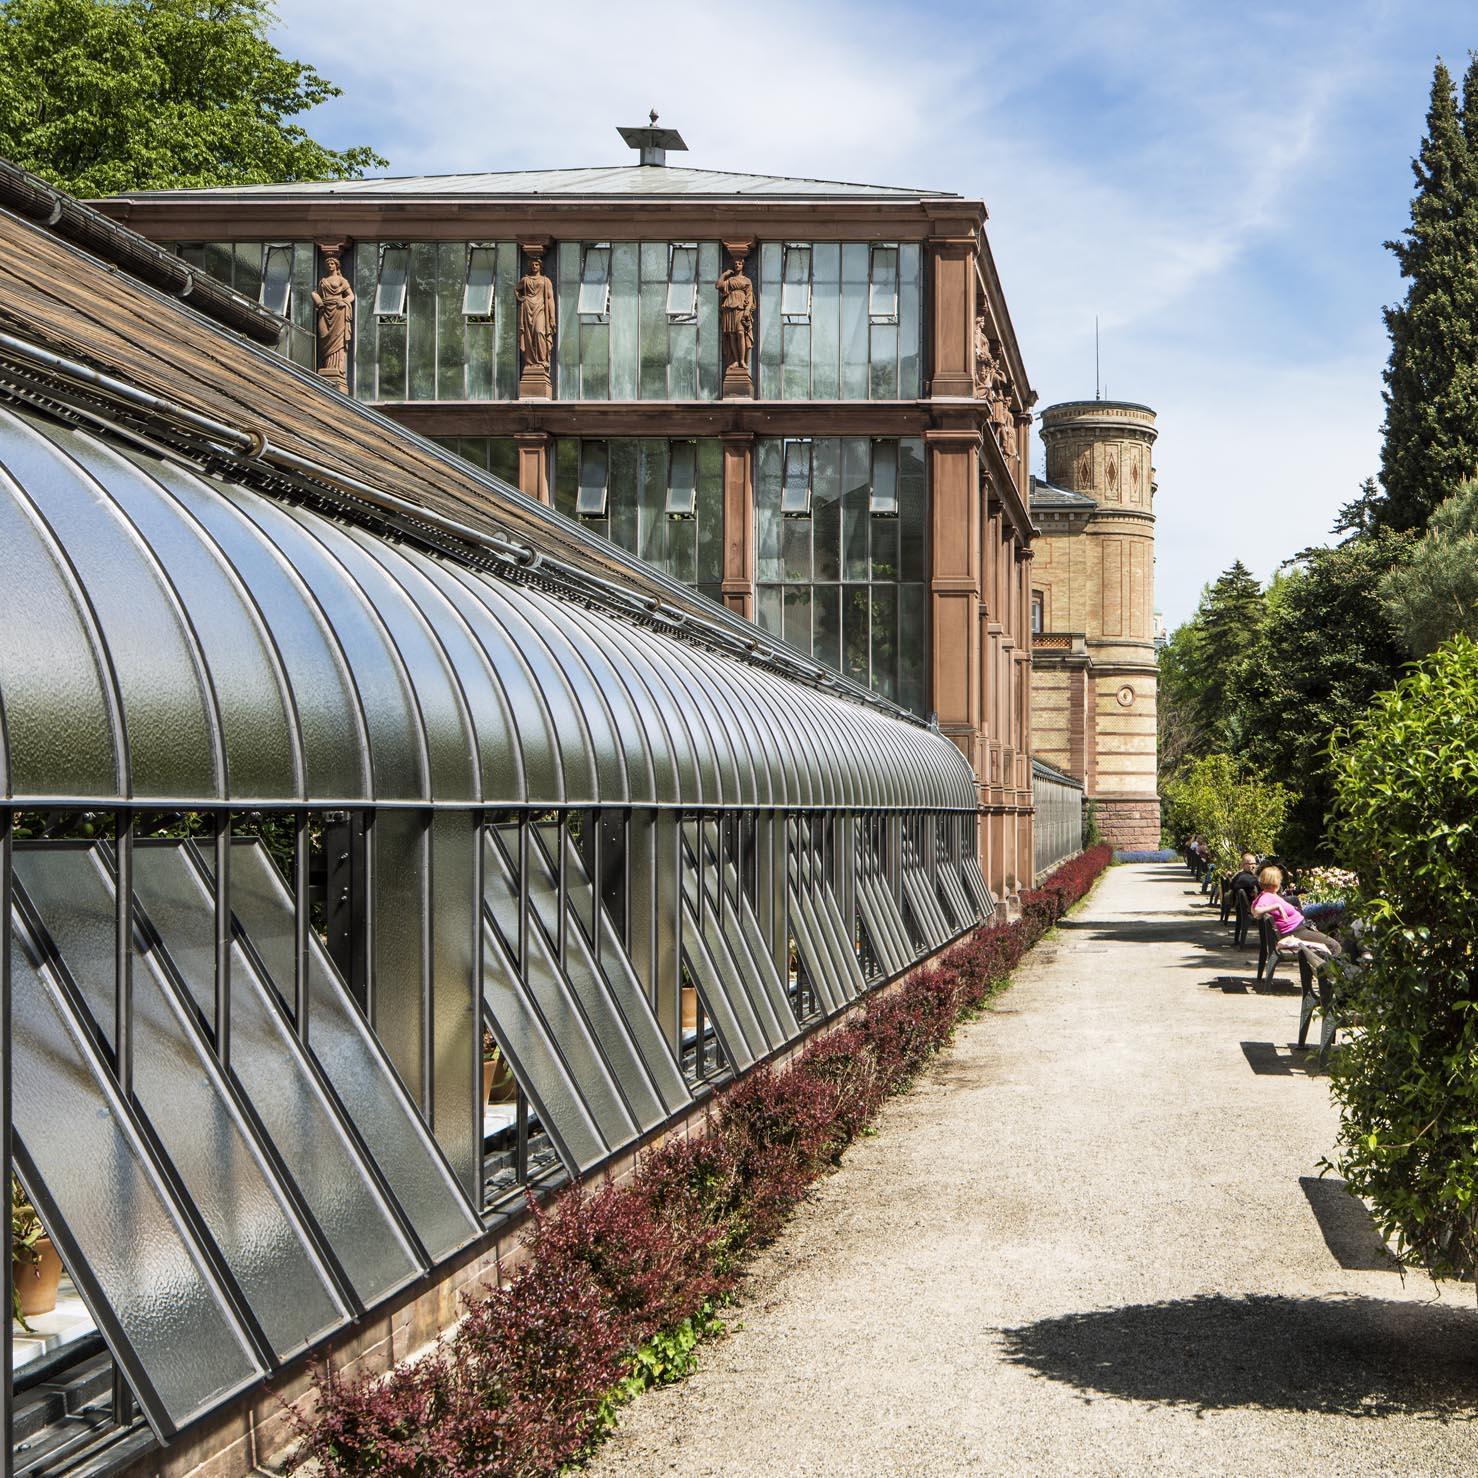 Botanischer Garten Karlsruhe öffnungszeiten: Anlage